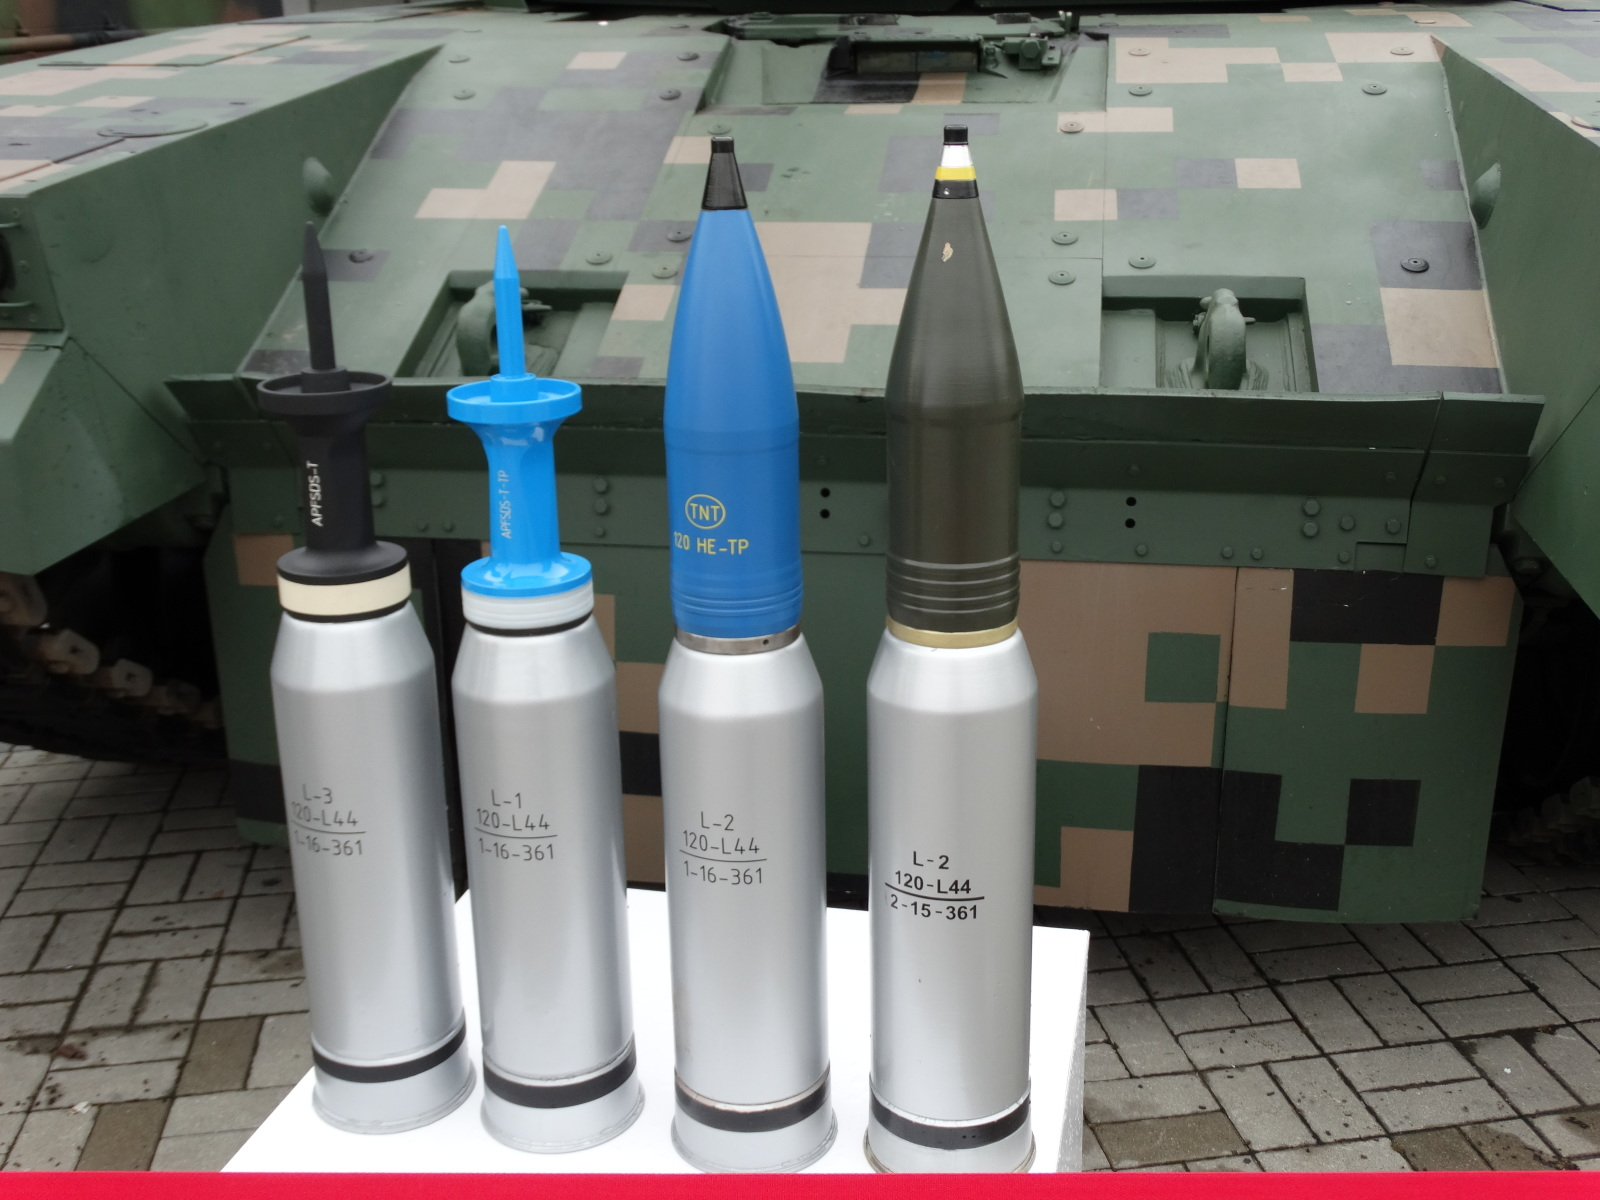 W pakiecie modernizacyjnym OBRUM i Bumar Łabędy przewidziały zastosowanie armaty TG MSP 120 (lub KBM2) kalibru 120 mm, która pozwoli na wykorzystanie standardowej amunicji NATO, w tym przeciwpancernej DM53/DM63 o zwiększonej przebijalności oraz programowalnej typu ABM (Airburst Munition). Producentem amunicji będzie Huta Stalowa Wola